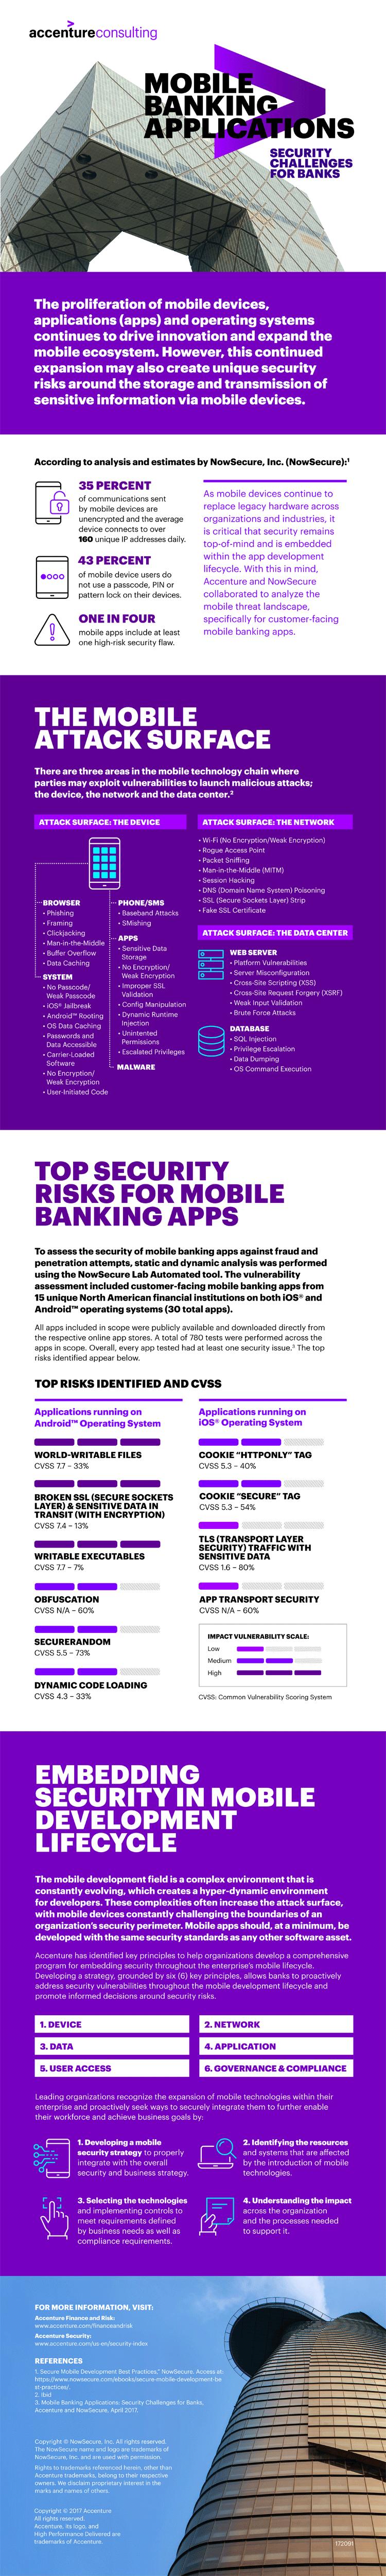 Sicherheitsaspekte von Mobile Banking Apps